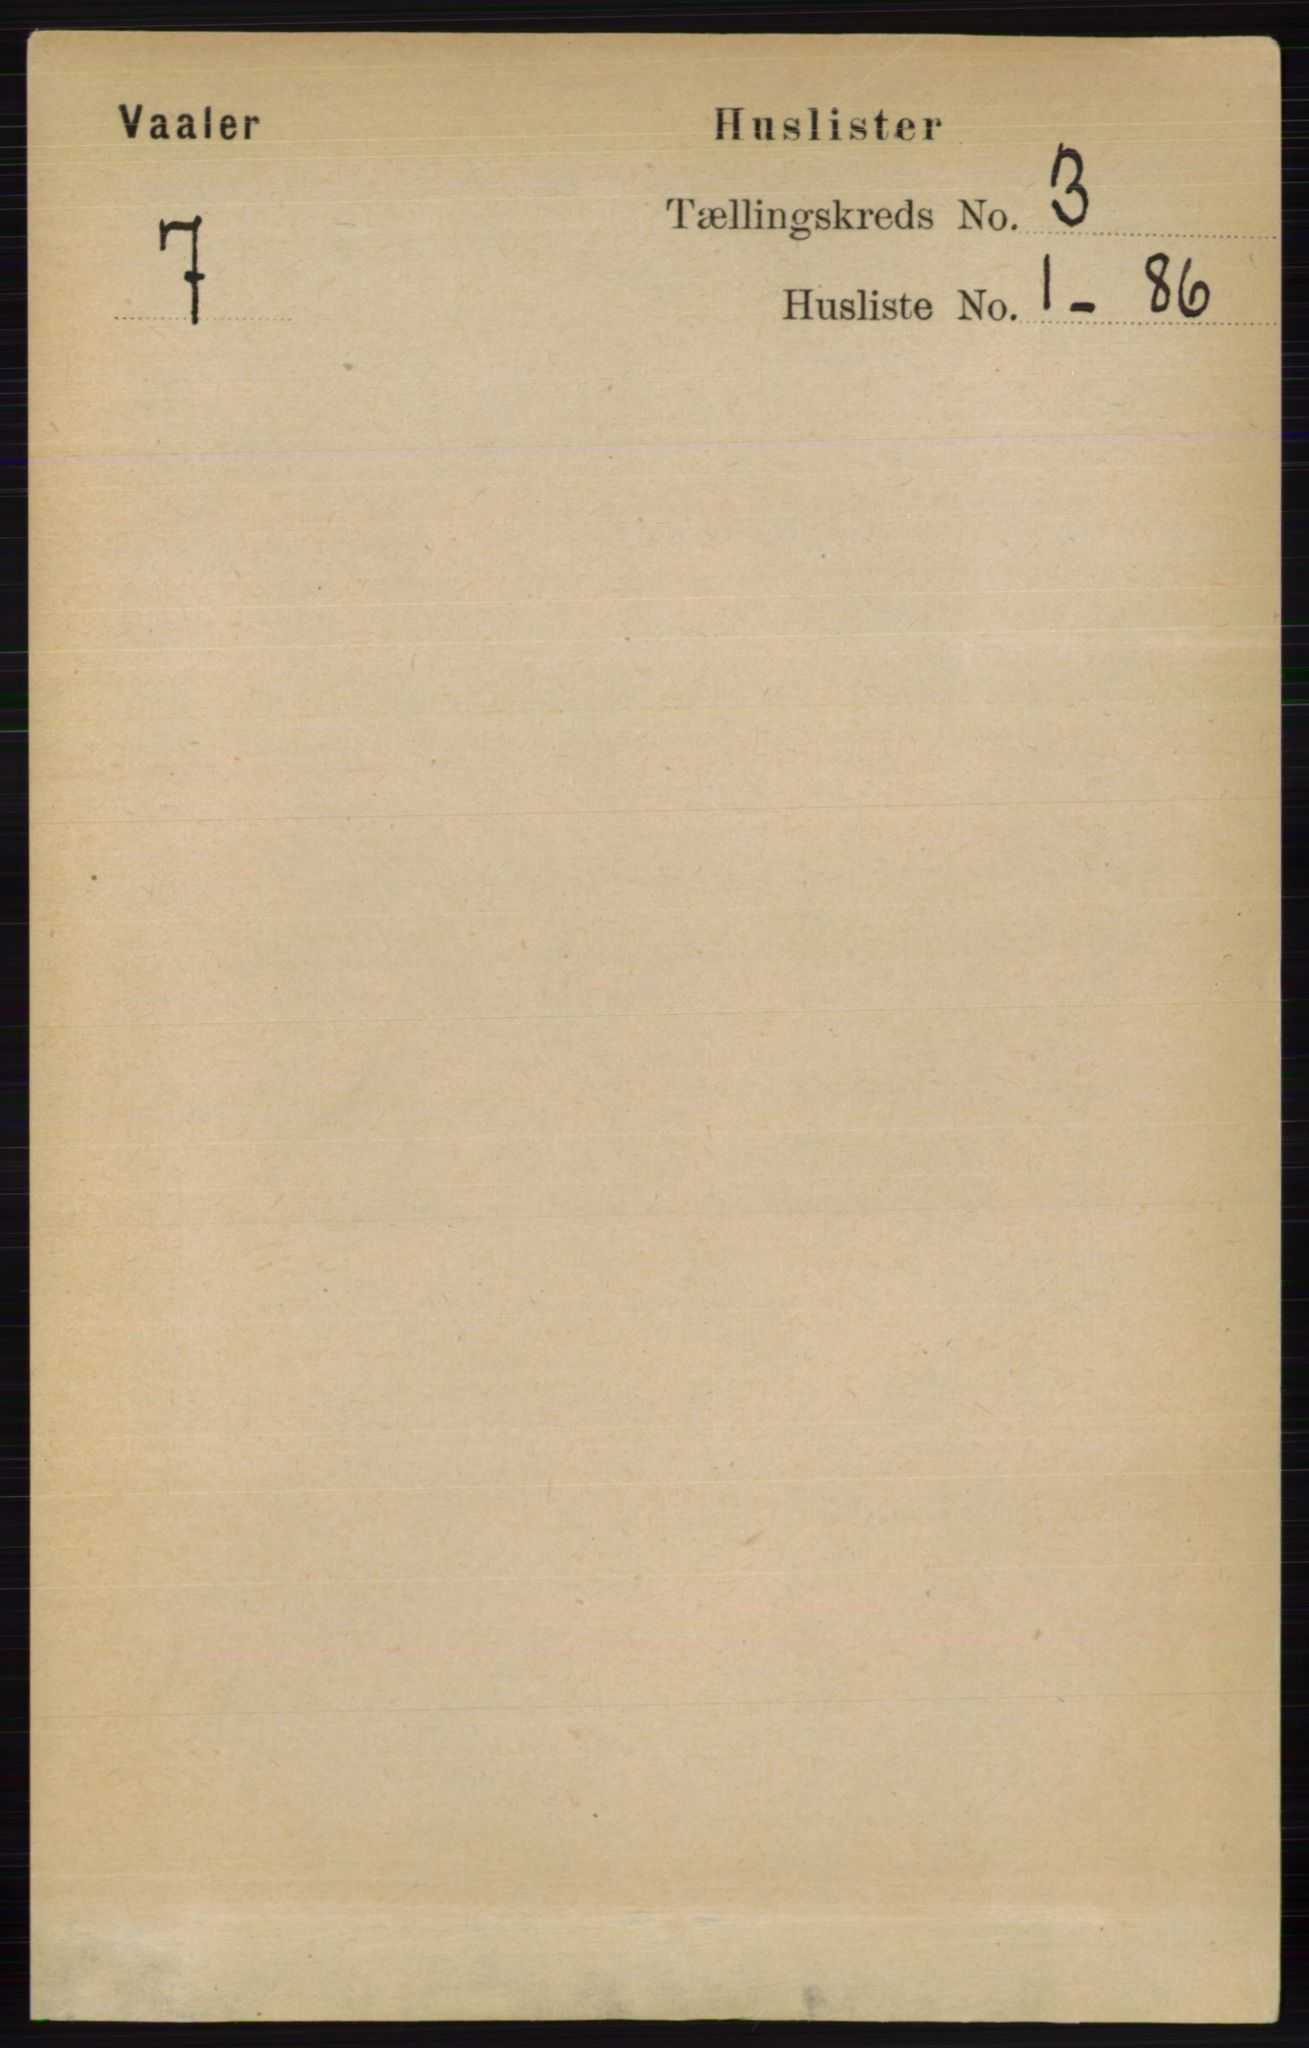 RA, Folketelling 1891 for 0426 Våler herred, 1891, s. 863